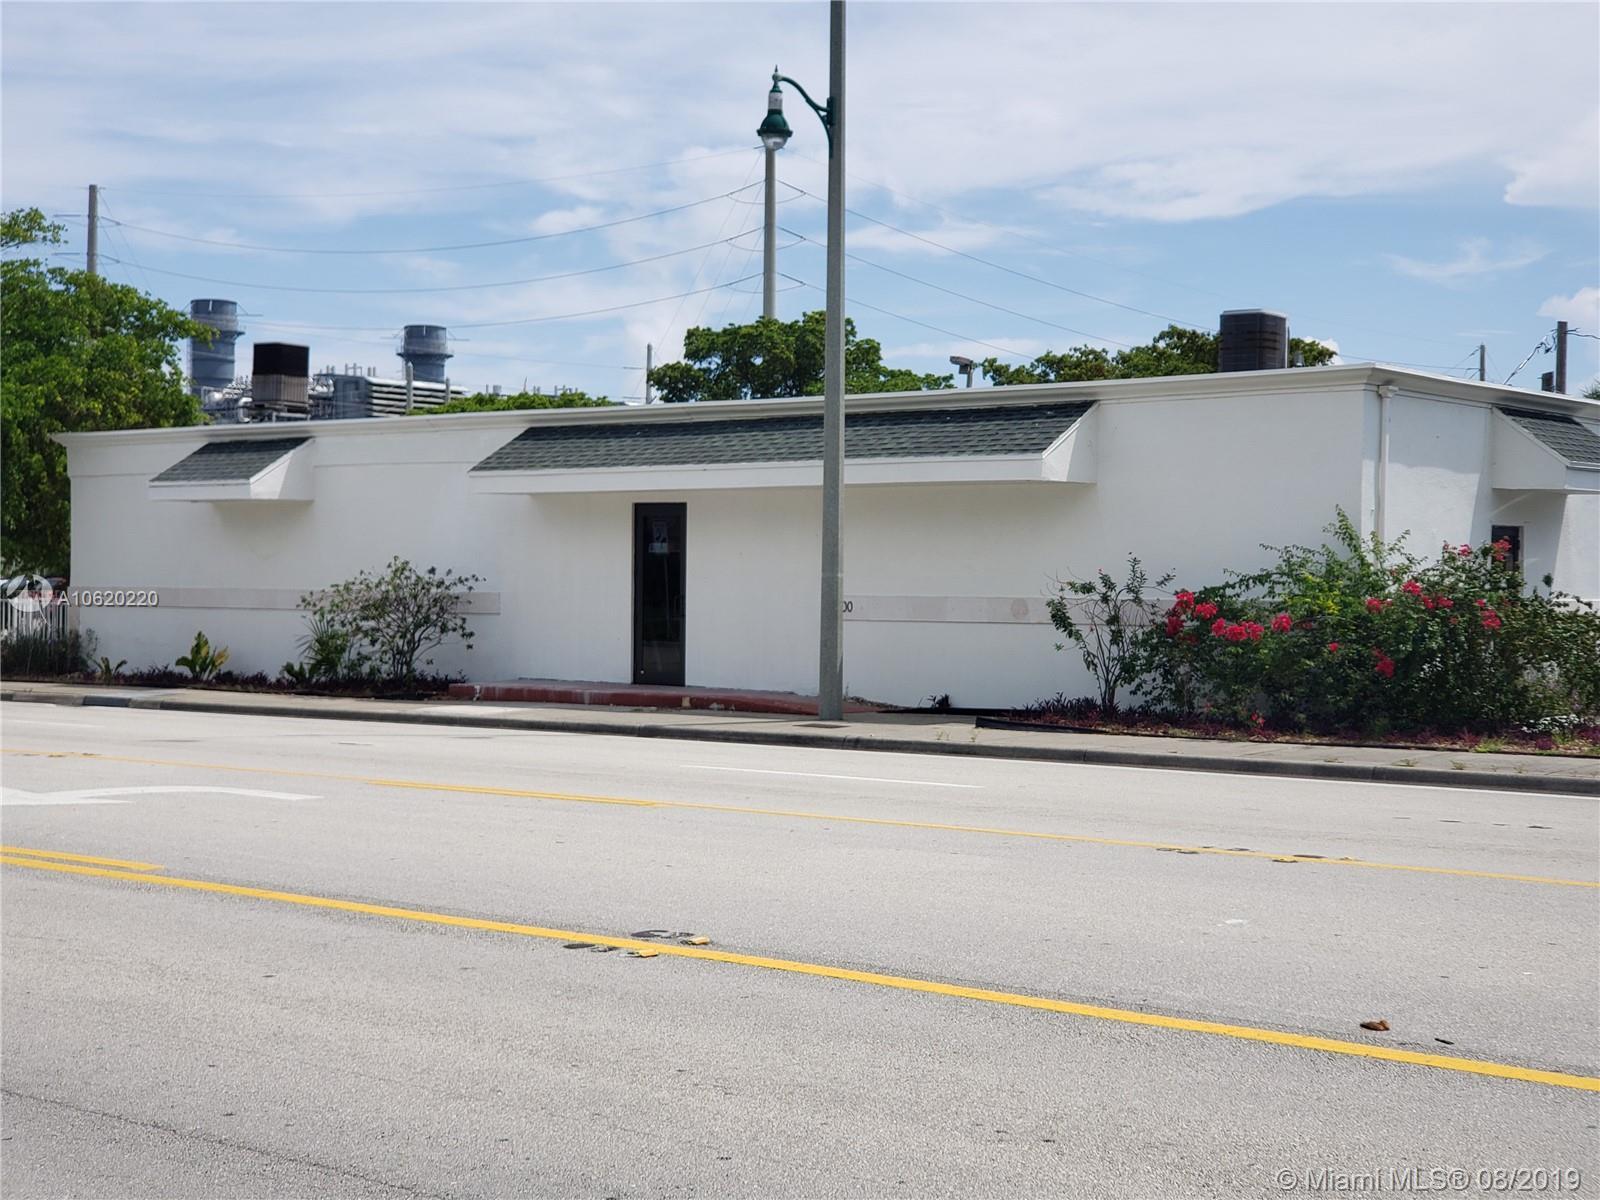 5900 Broadway, West Palm Beach, FL 33407